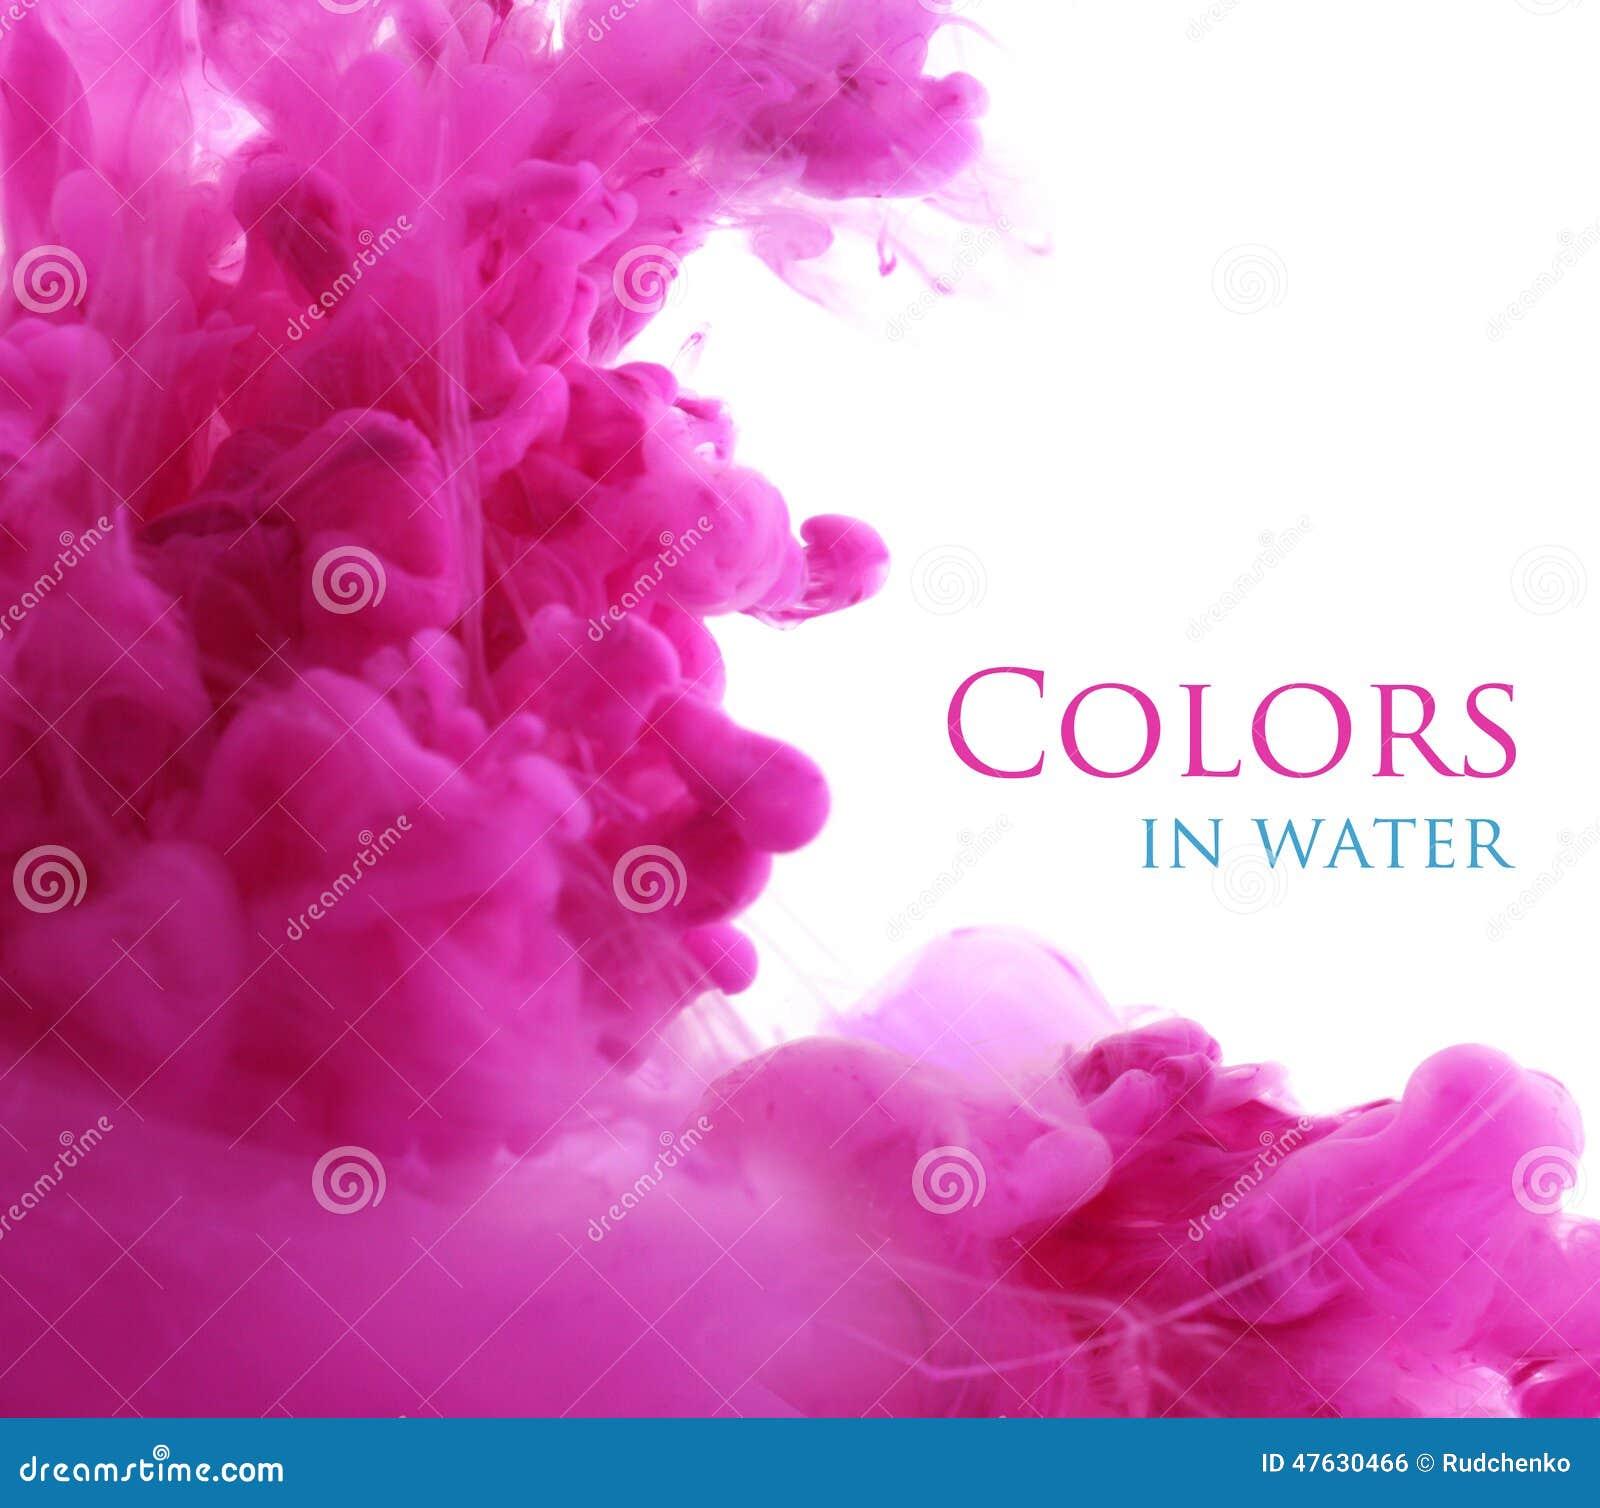 Colores de acrílico en el agua, fondo abstracto